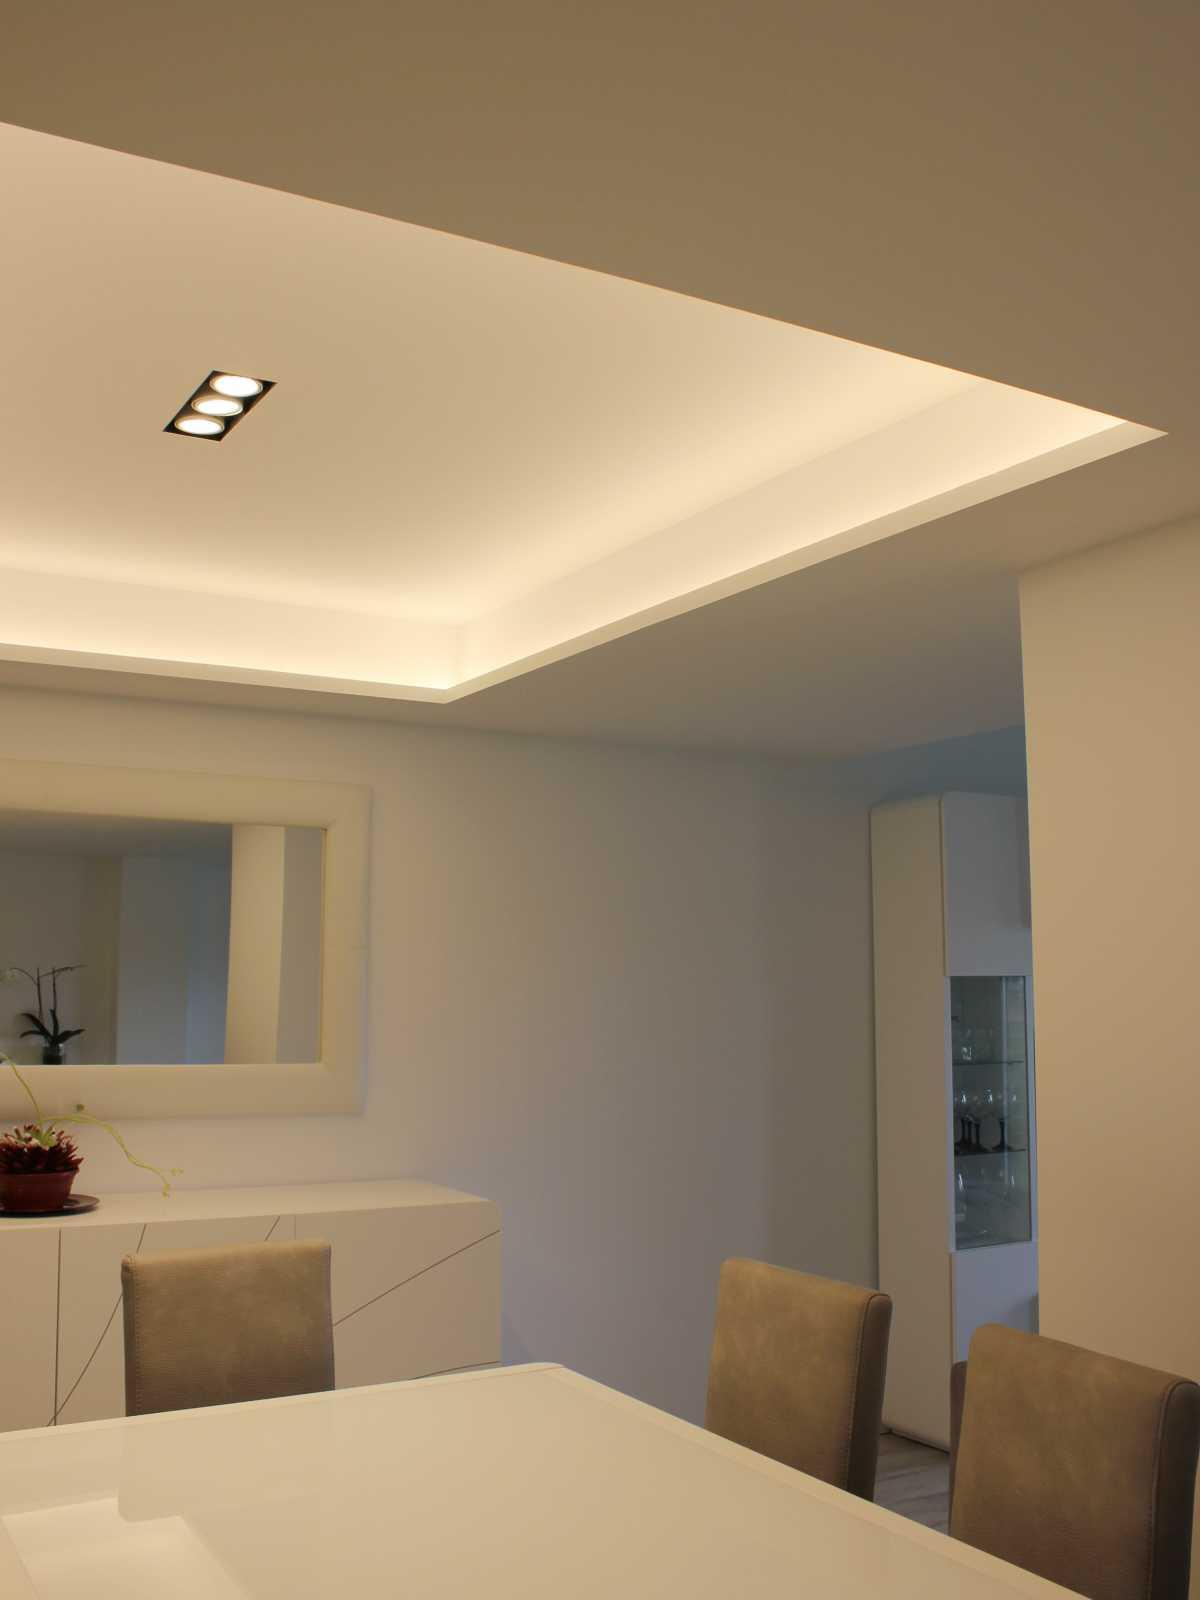 Se juega con los techos y la iluminación para realzar los espacios. Formando zonas más altas con fosas iluminadas con led y zonas más bajas con focos, que distribuyen y marcan los diferentes zonas.